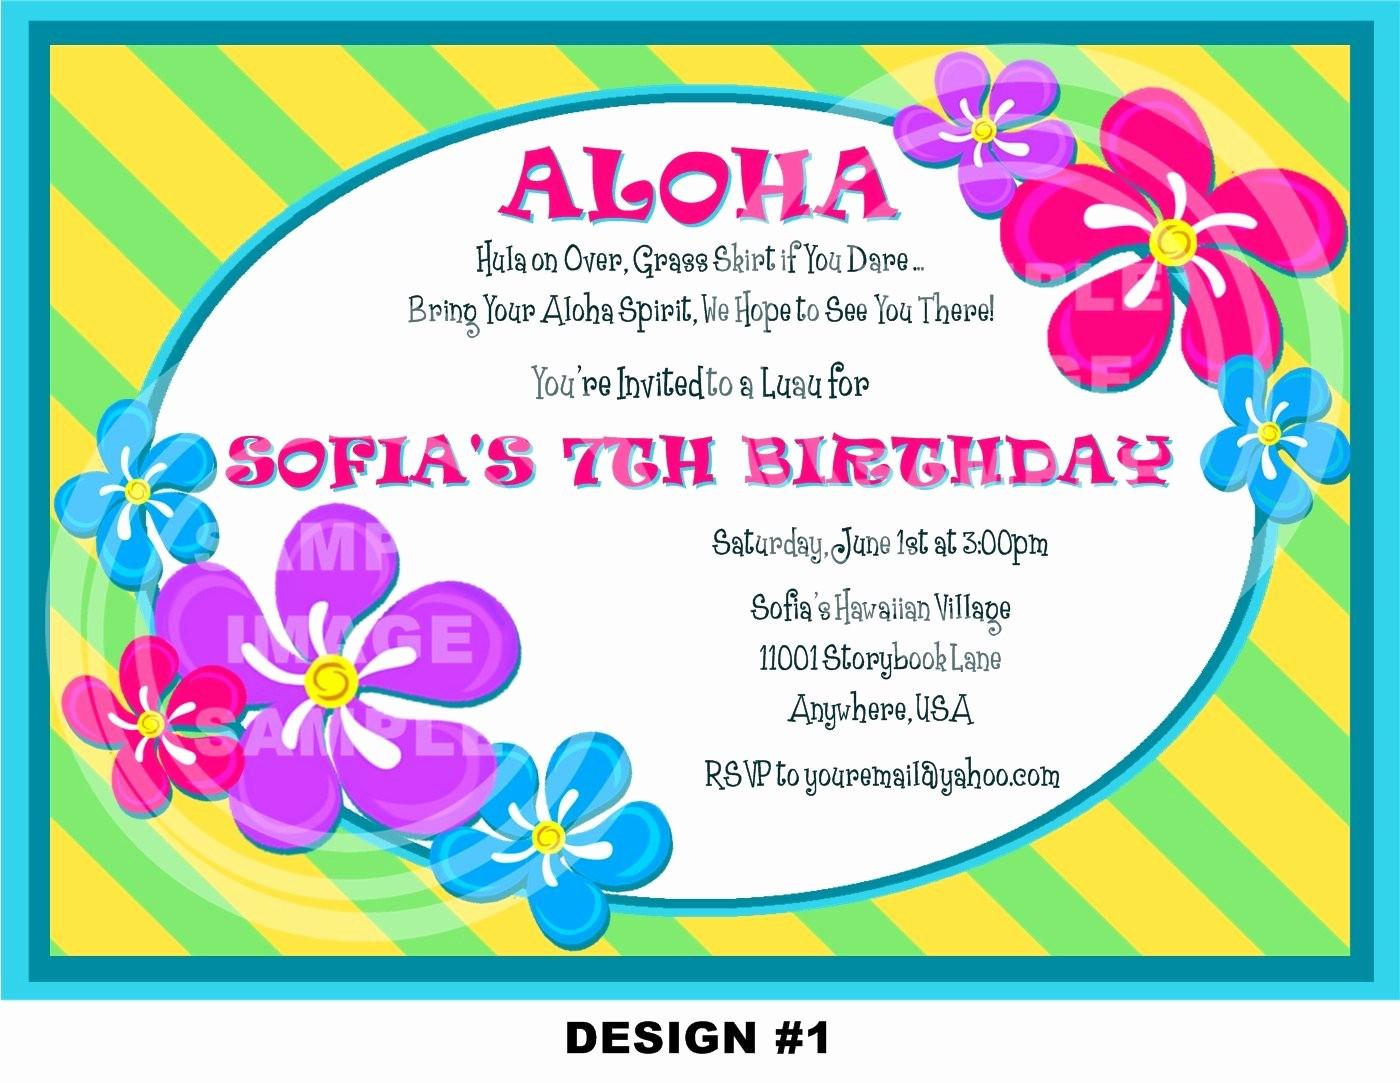 Hawaiian theme Party Invitations Printable Luxury Luau Invitation Luau Birthday Invitation Pool Party